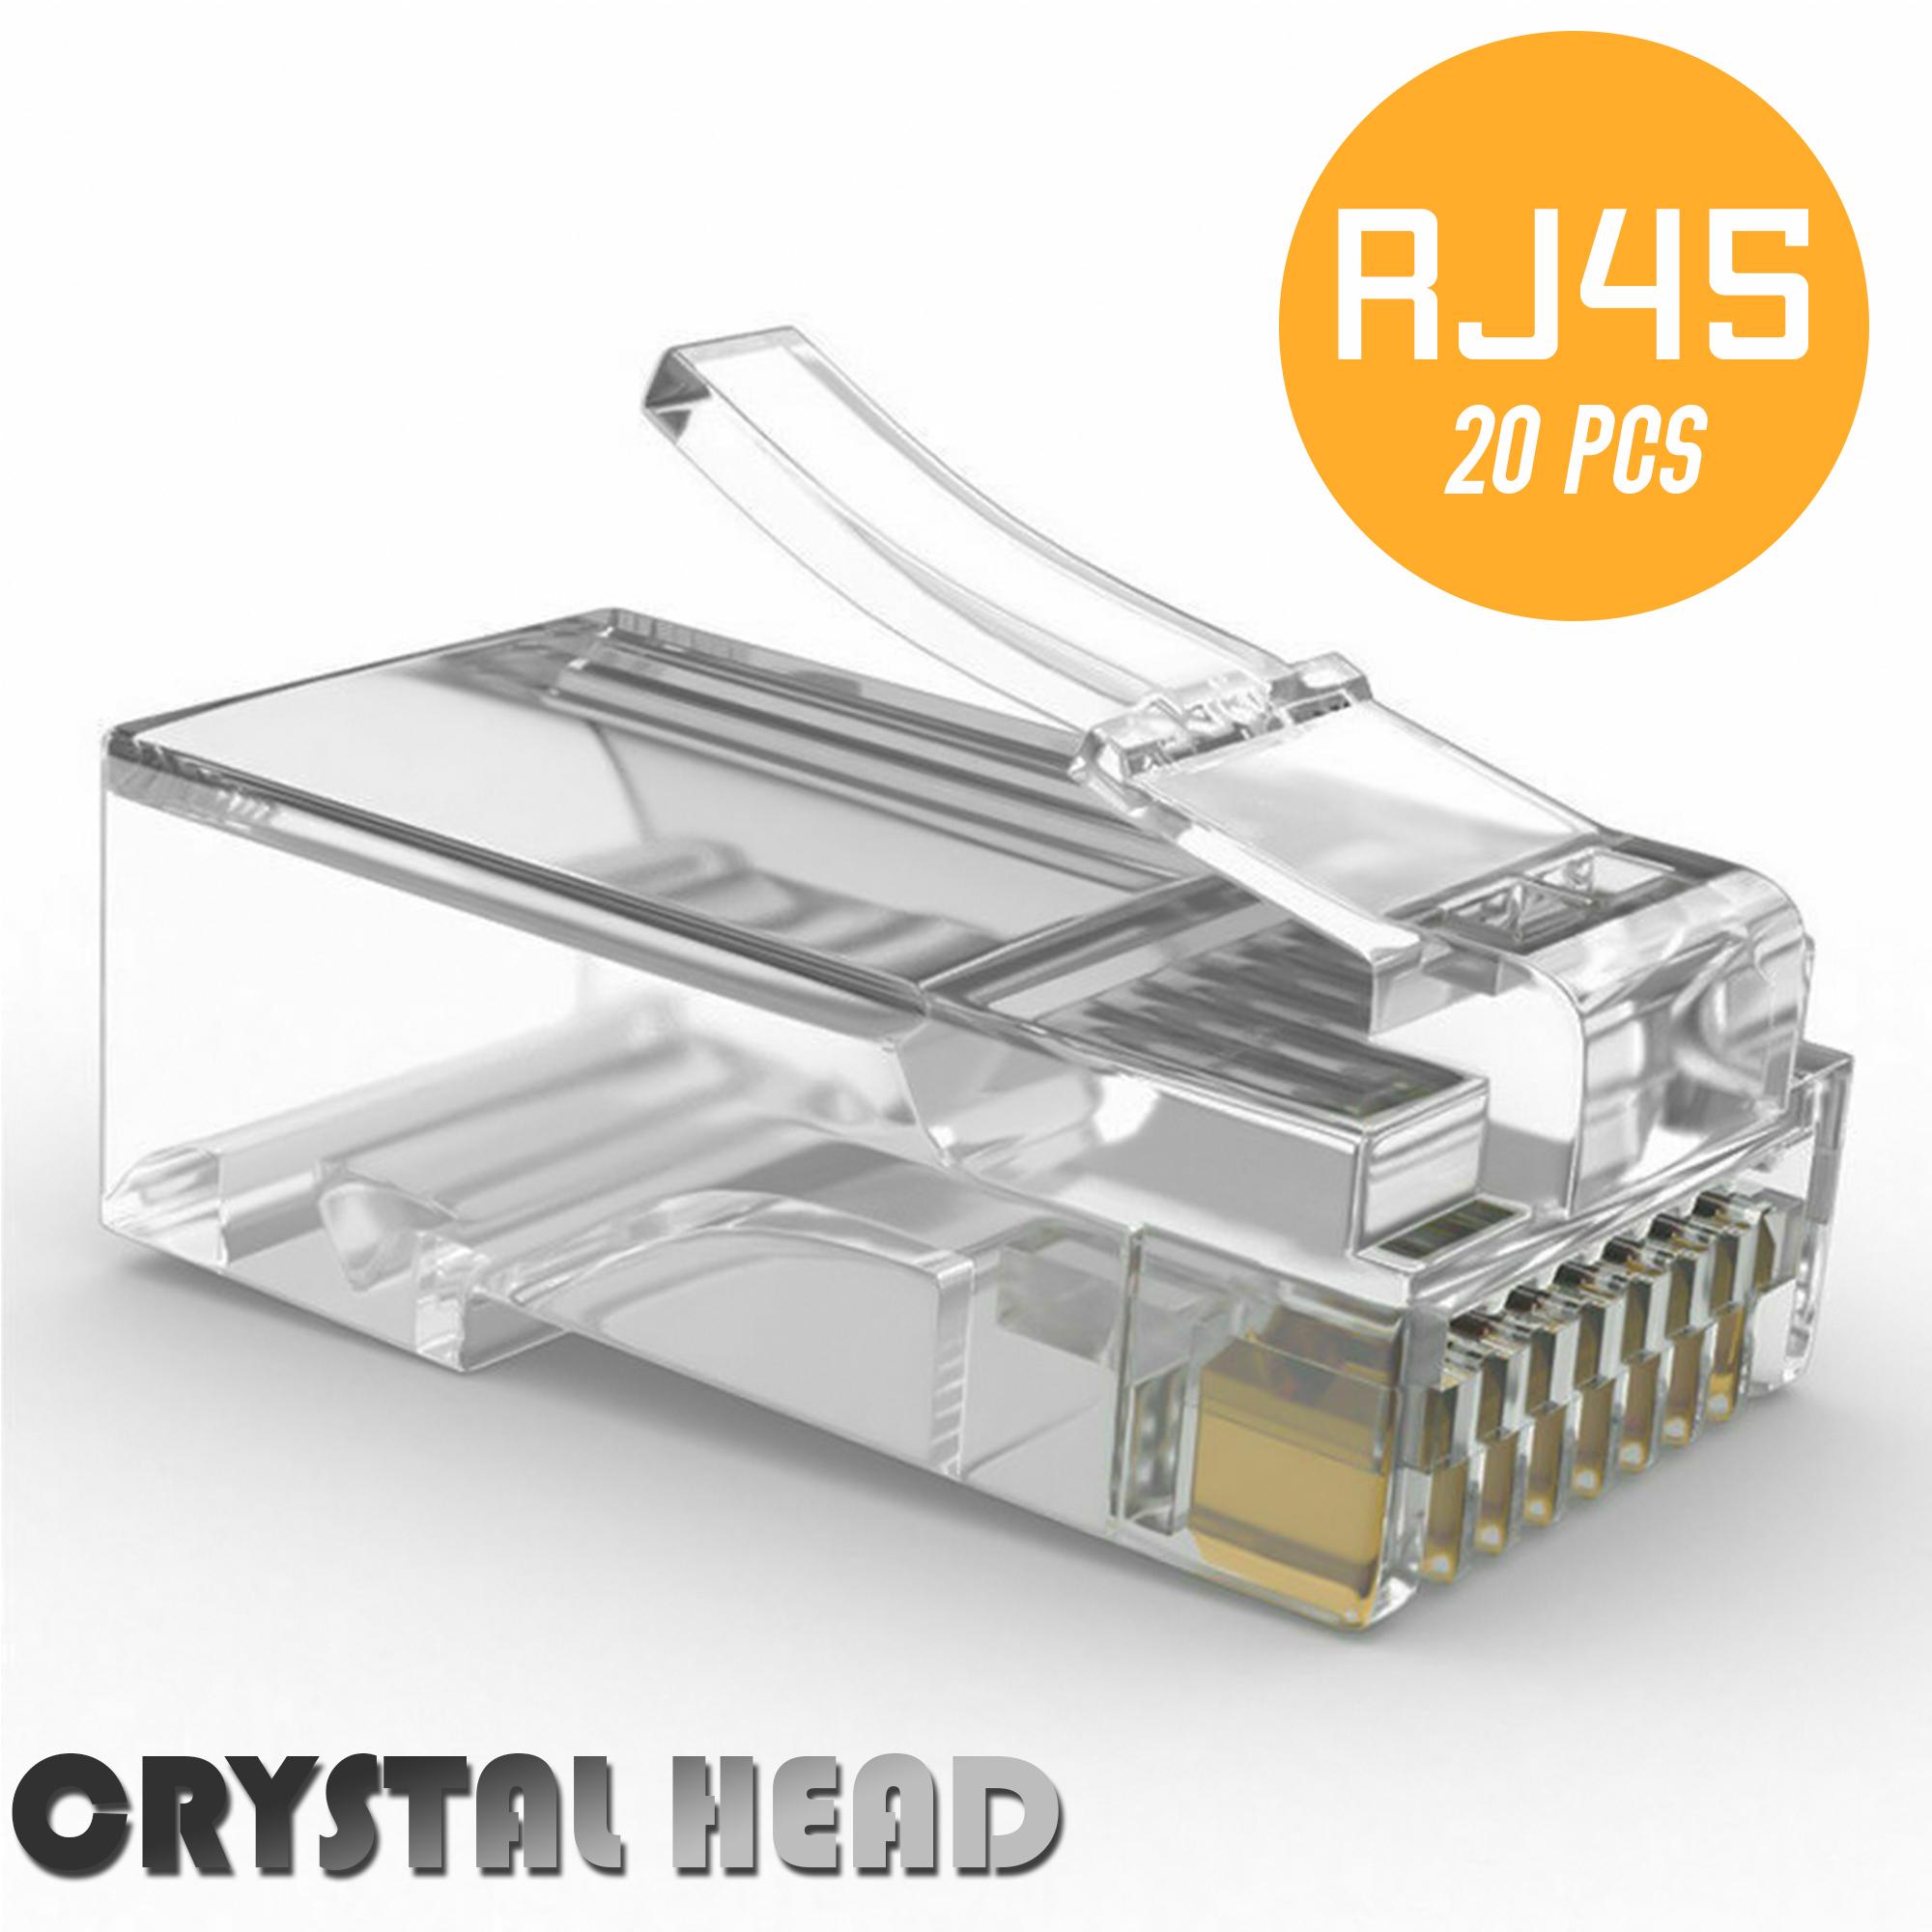 weitech konektor rj45 seri 5e 20 pack